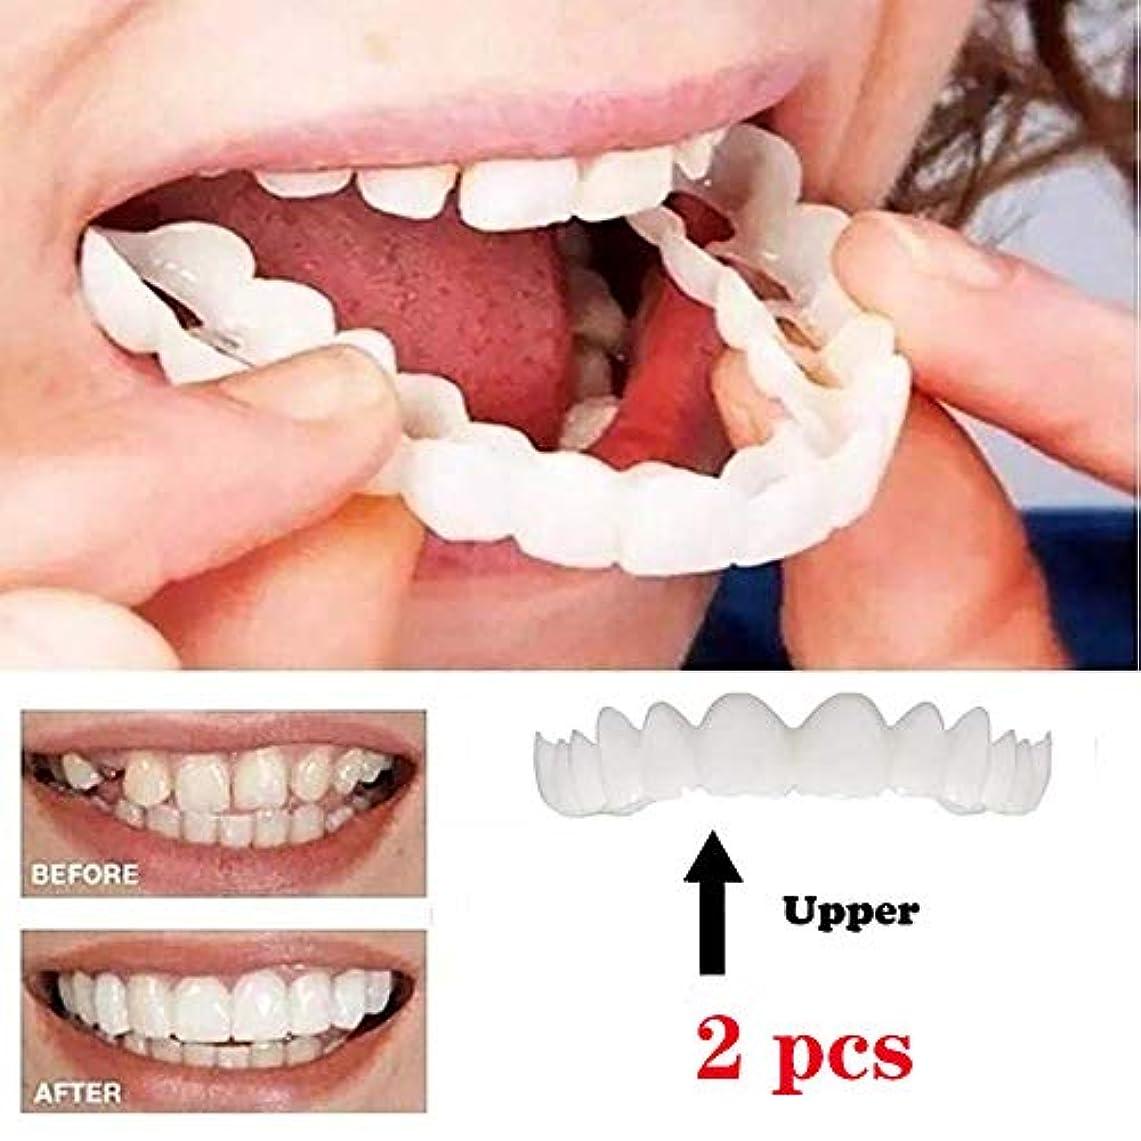 追跡波息切れ2個シリコーン偽の歯アッパー偽歯カバーホワイトニング義歯デンタルオーラルケア歯をホワイトニングデンタルプラスチックホワイトニング義歯ワンサイズフィットすべて